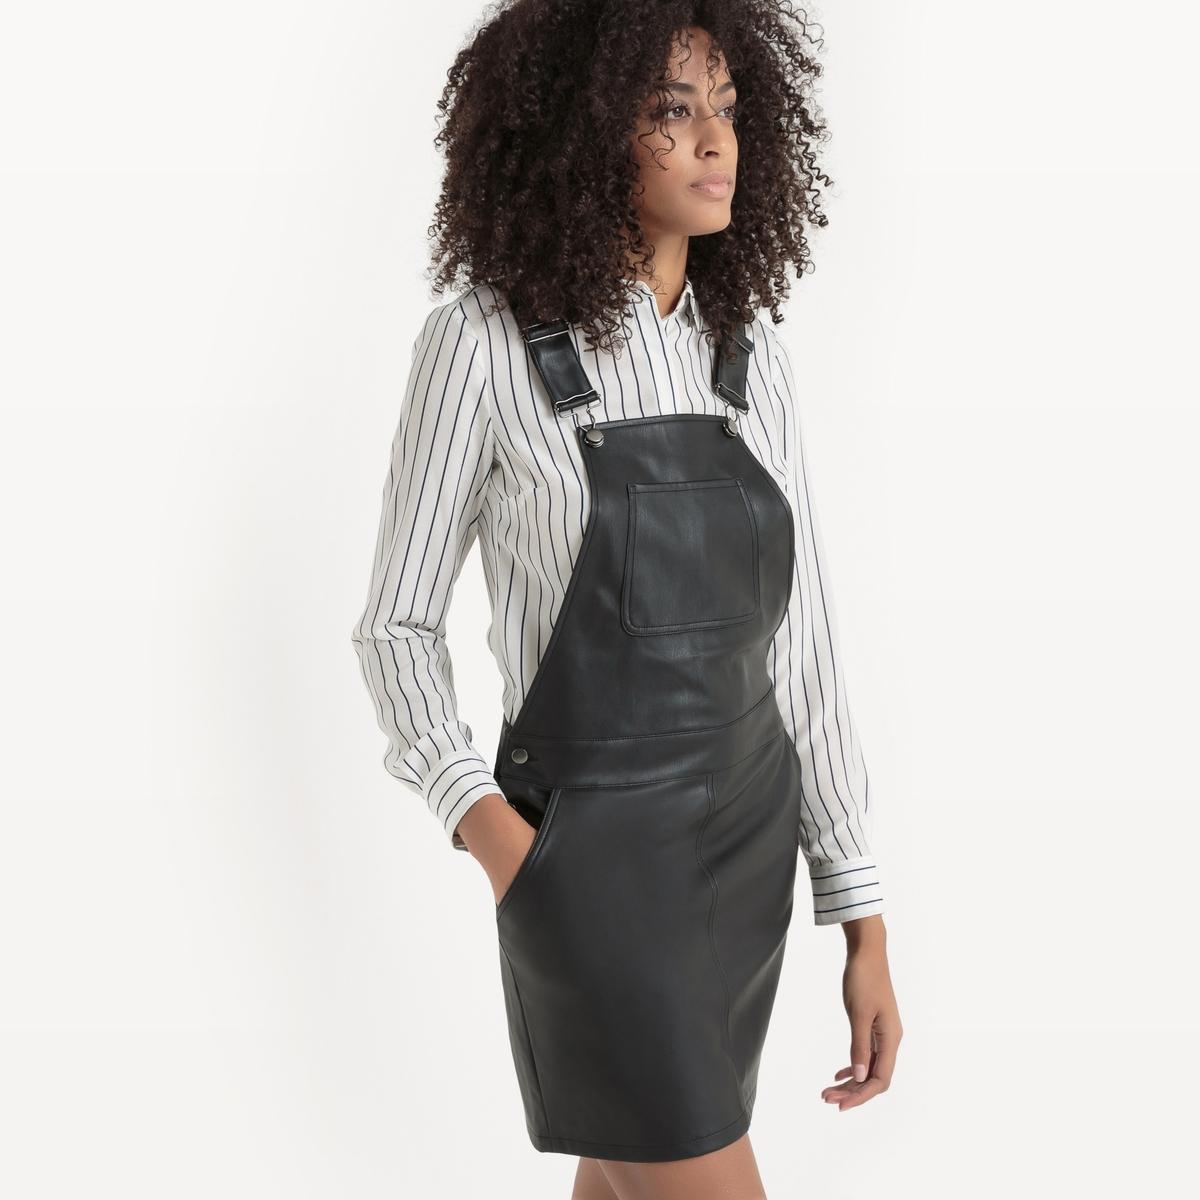 Платье-комбинезон VIPUNE DRESSПлатье VIPUNE DRESS от VILA. Платье-комбинезон . С имитацией кожи . Застежки на пуговицы по бокам . Нагрудный карман. Регулируемые и перекрещенные сзади  бретели. Состав и описание :Материал : 100% полиуретан.Марка : VILA.<br><br>Цвет: черный<br>Размер: XS